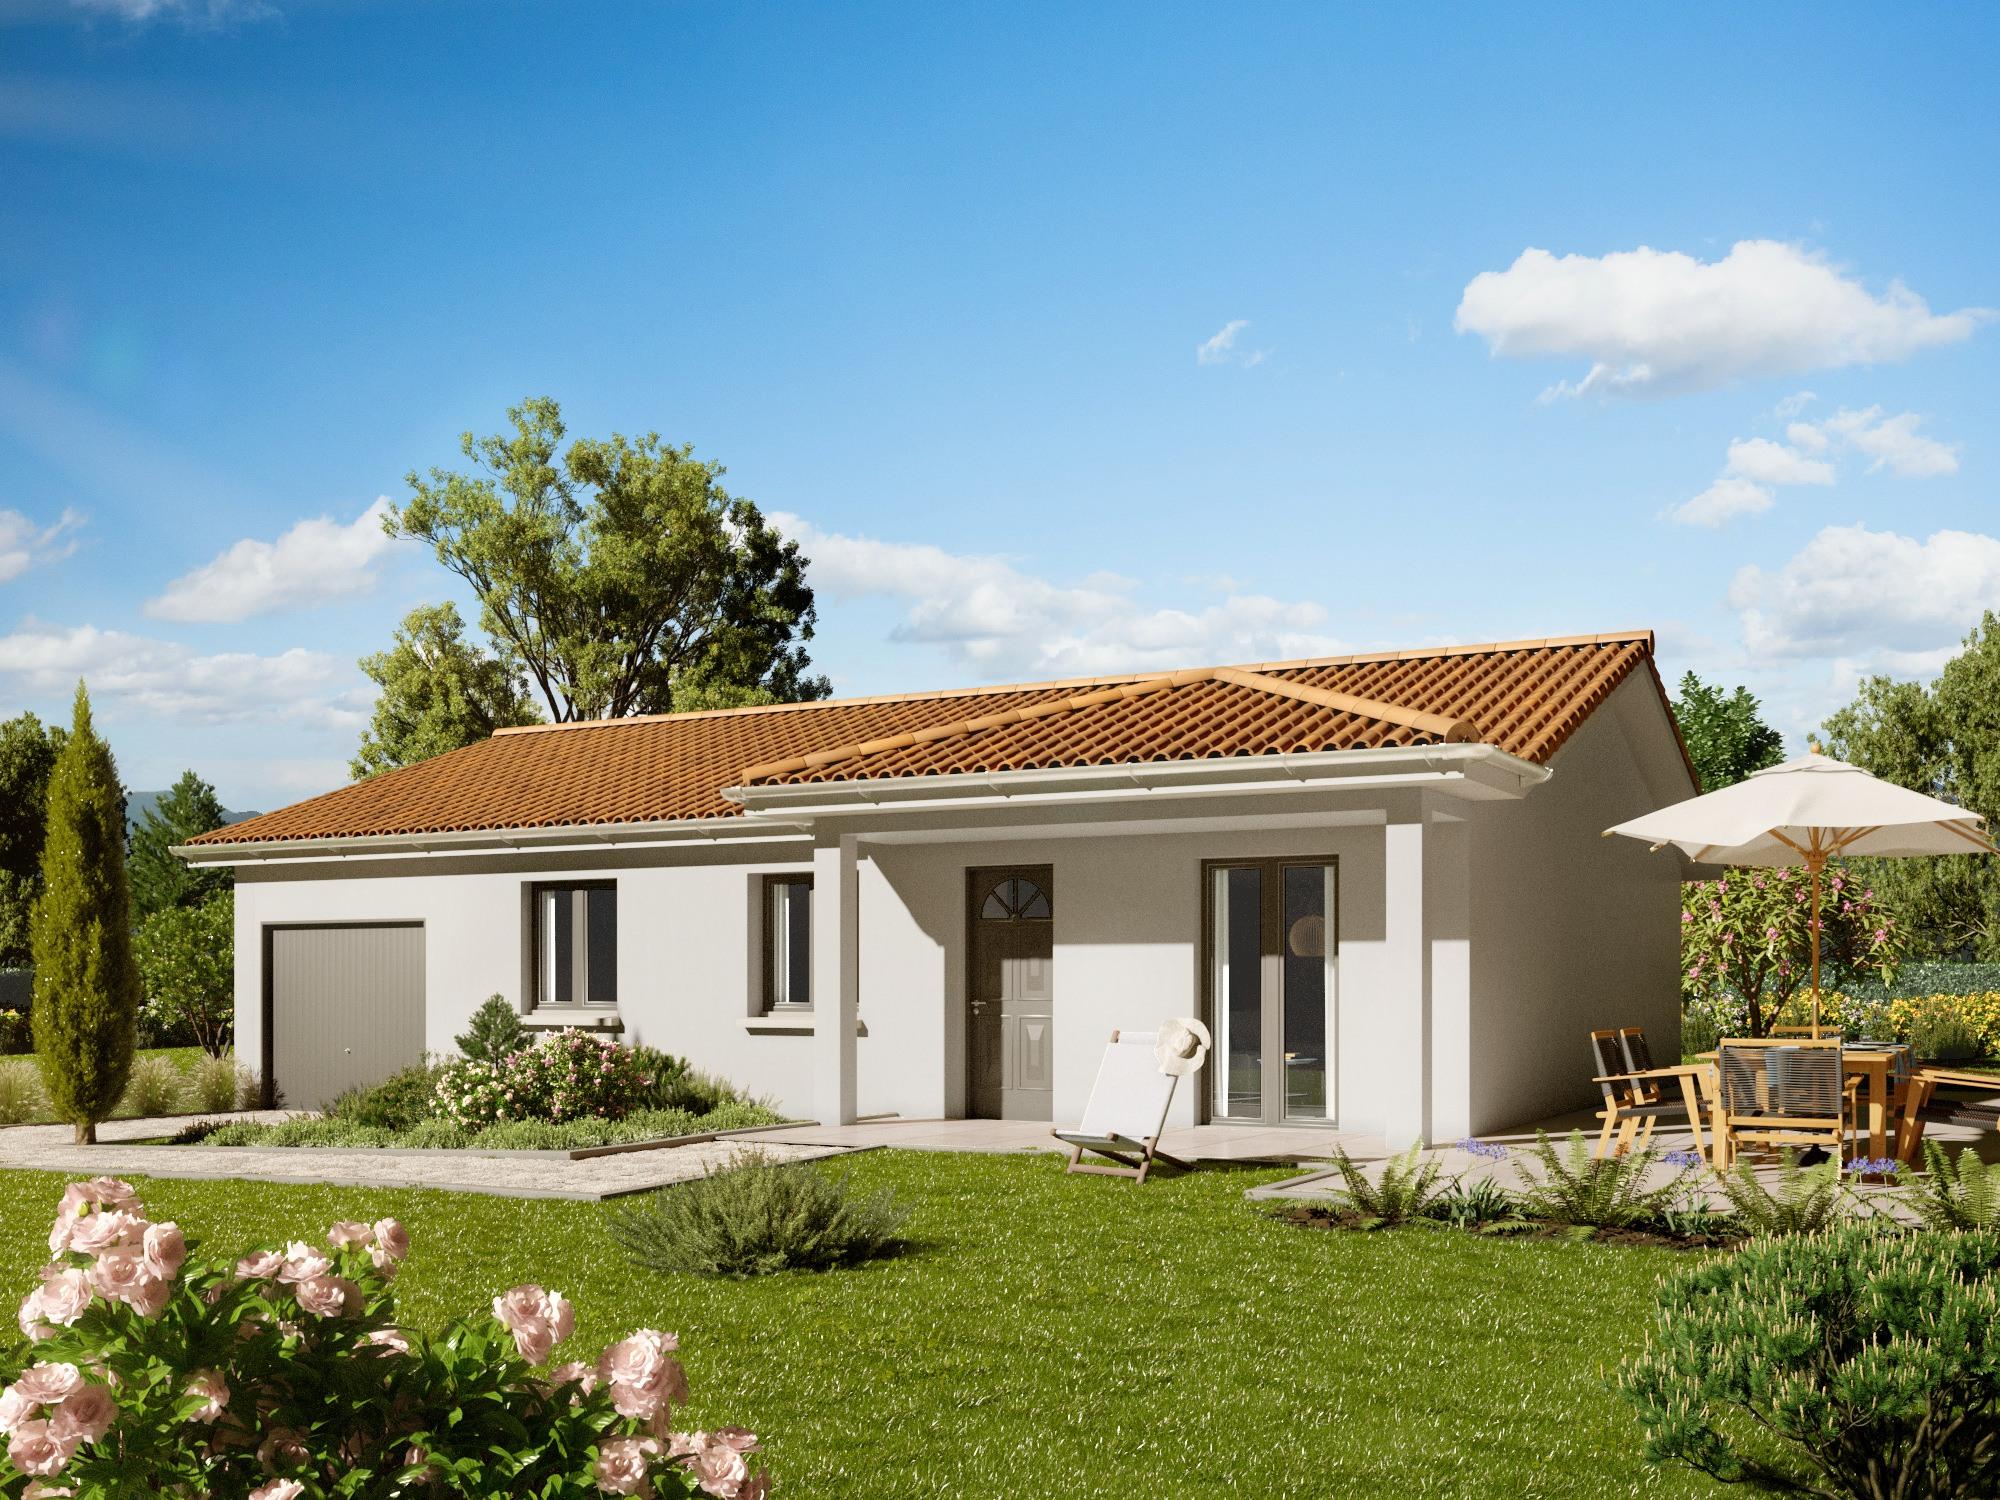 Maisons + Terrains du constructeur MAISONS PUNCH ST ETIENNE • 89 m² • ROZIER EN DONZY